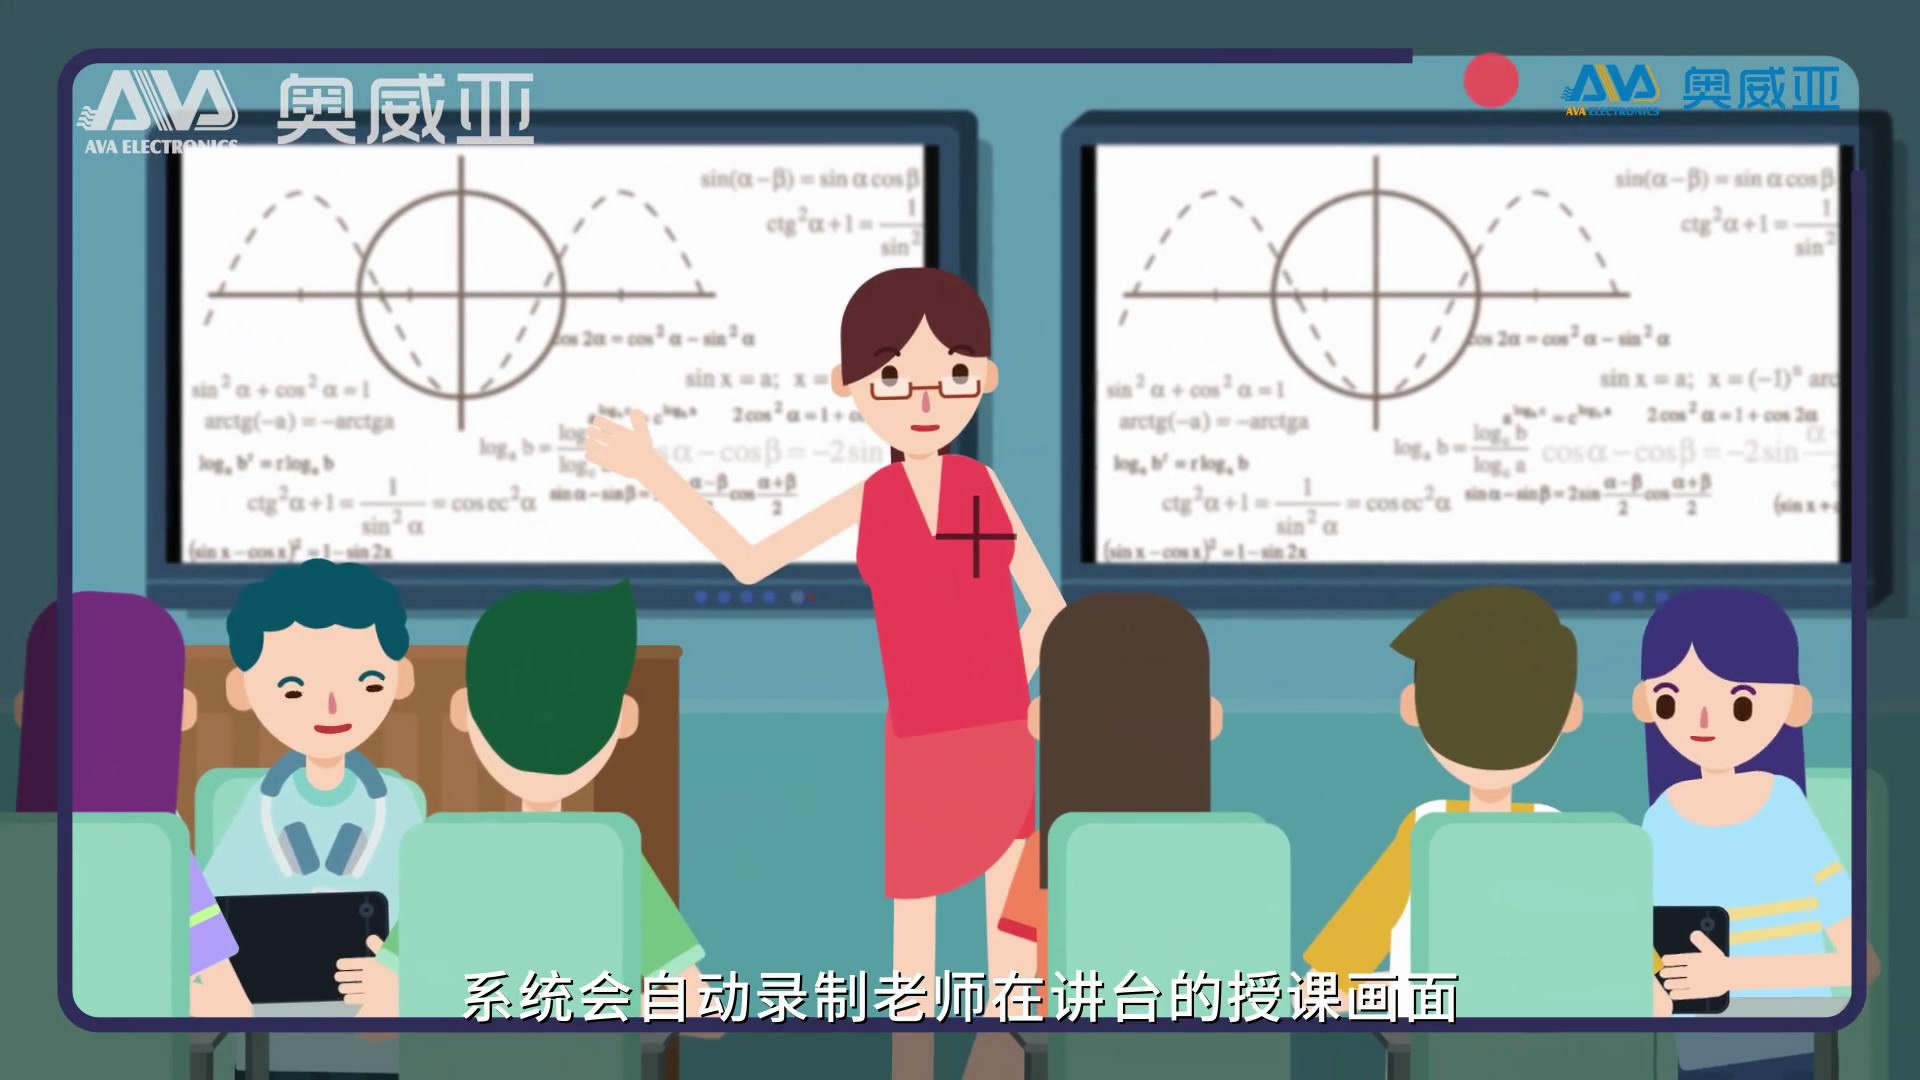 高校智慧交互教室解决方案